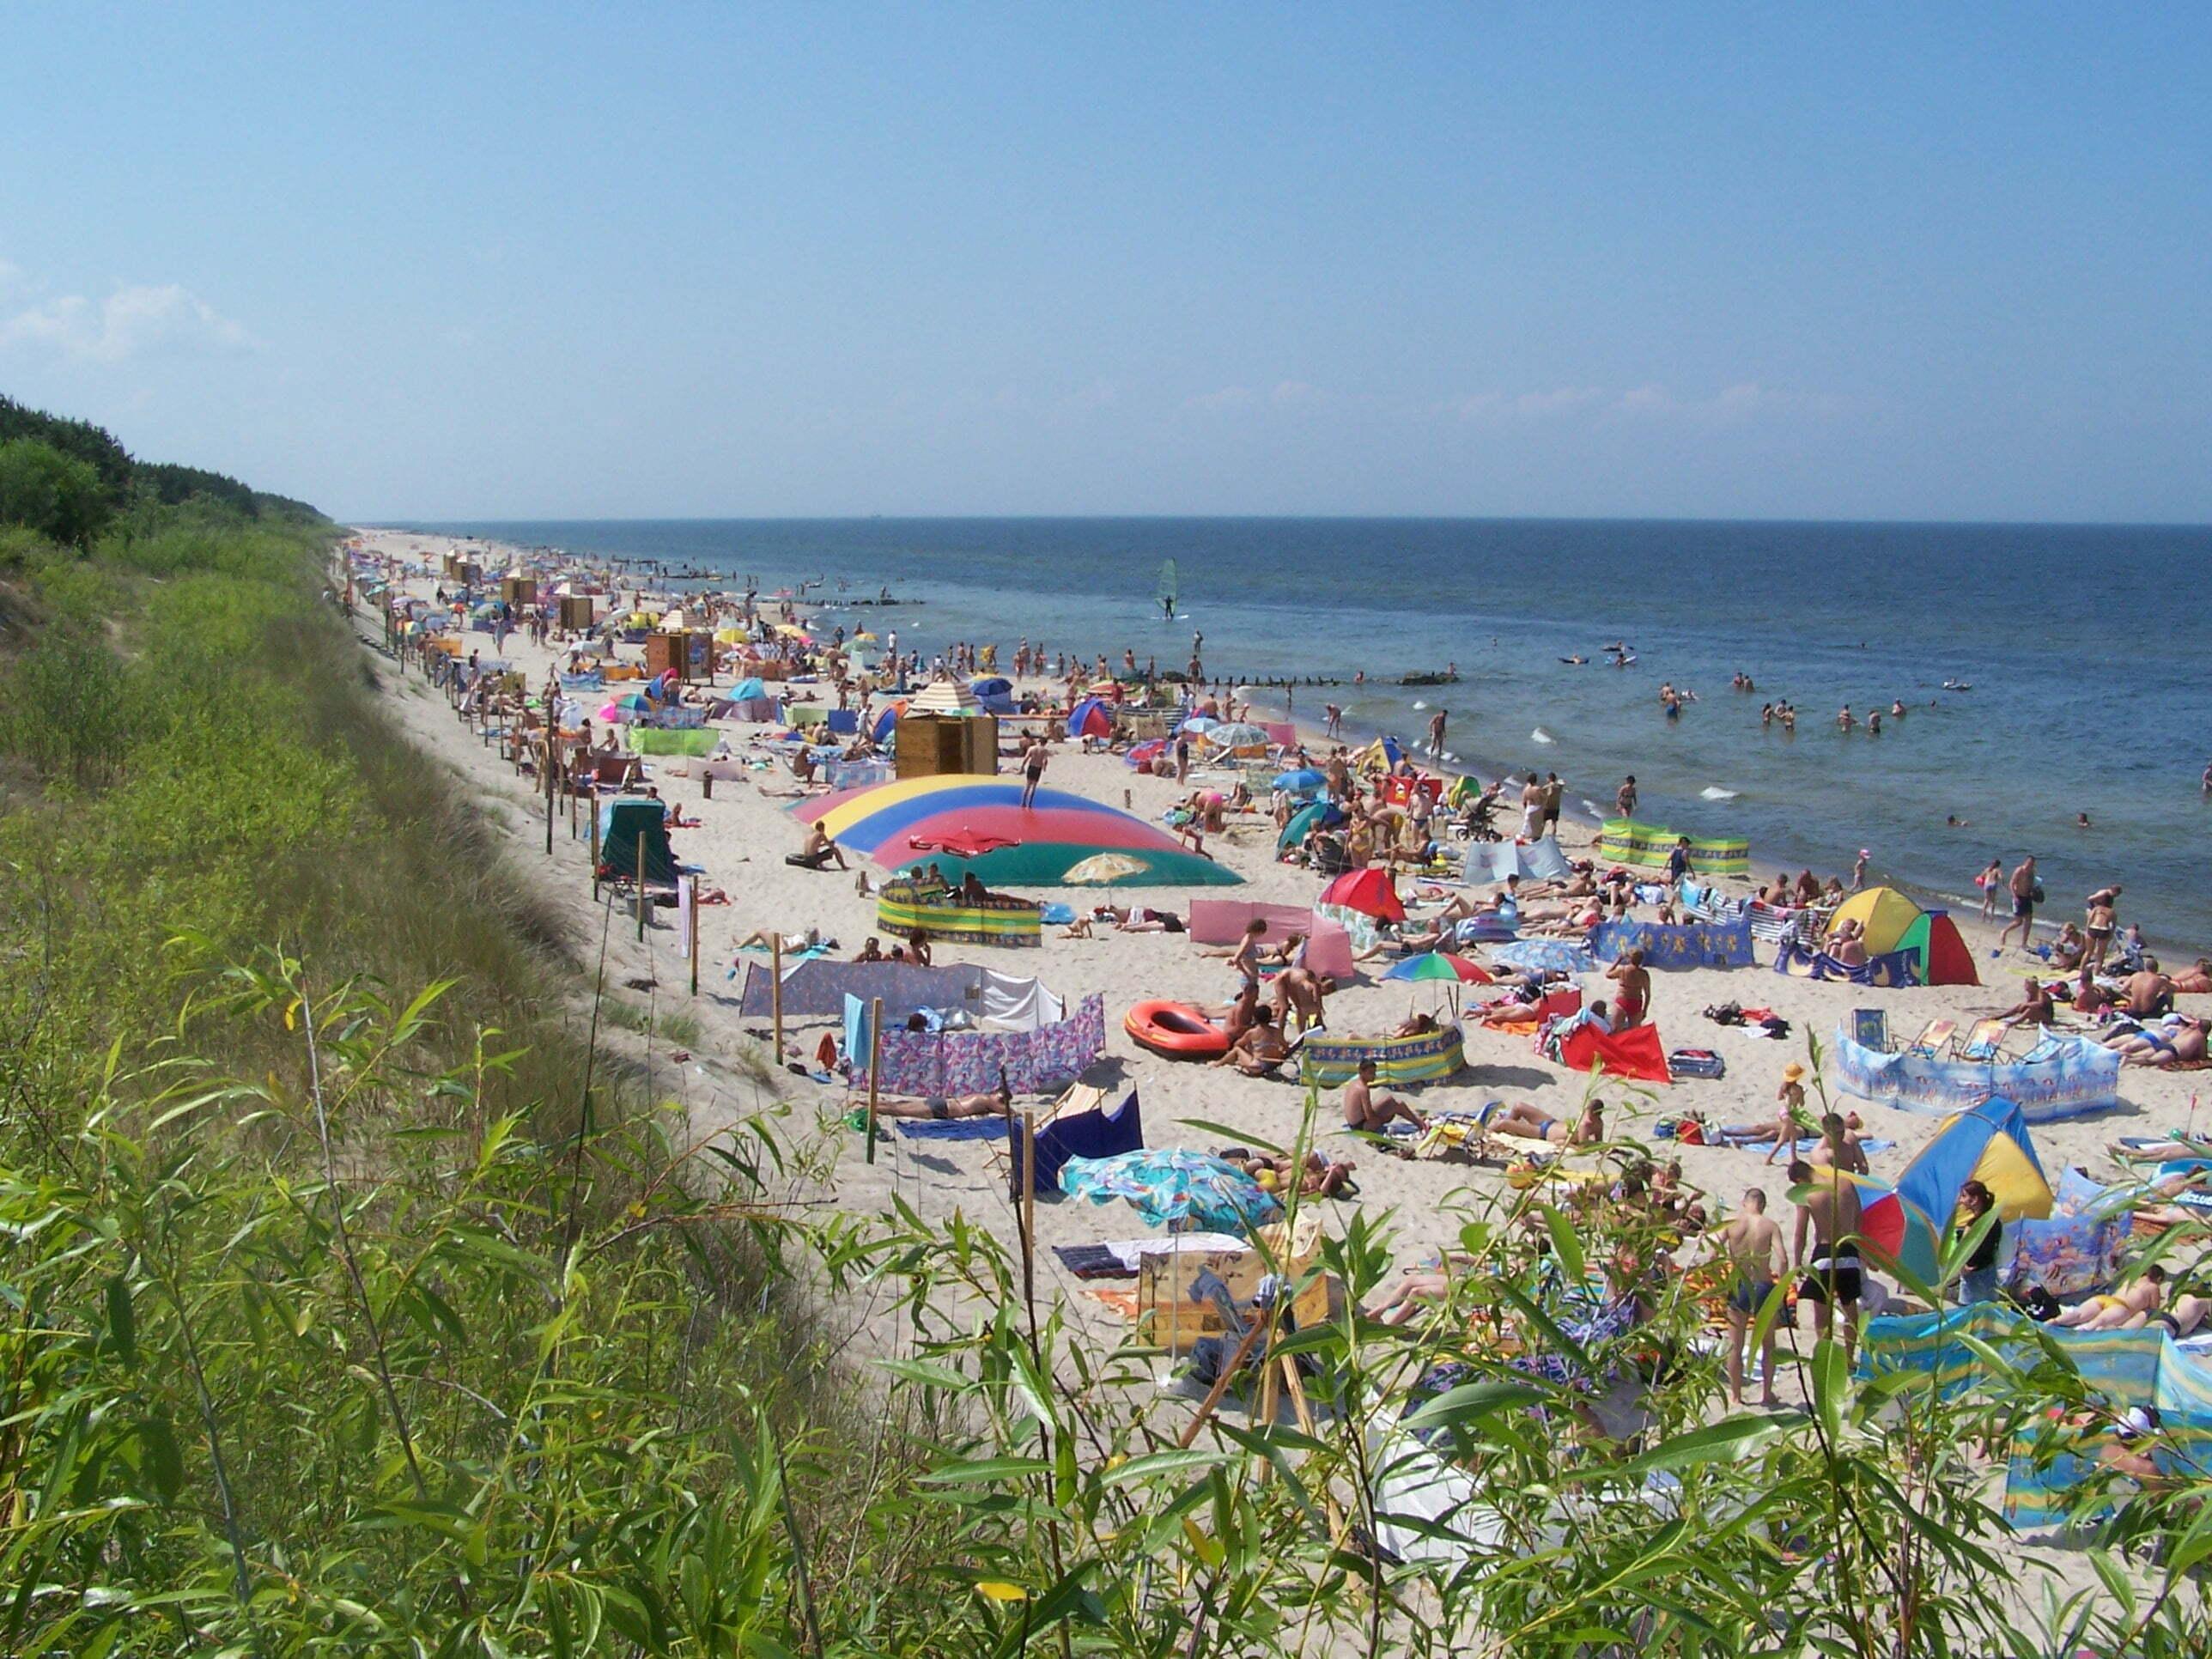 Wakacje nad Bałtykiem. Fot. Ejdzej/Wikimedia